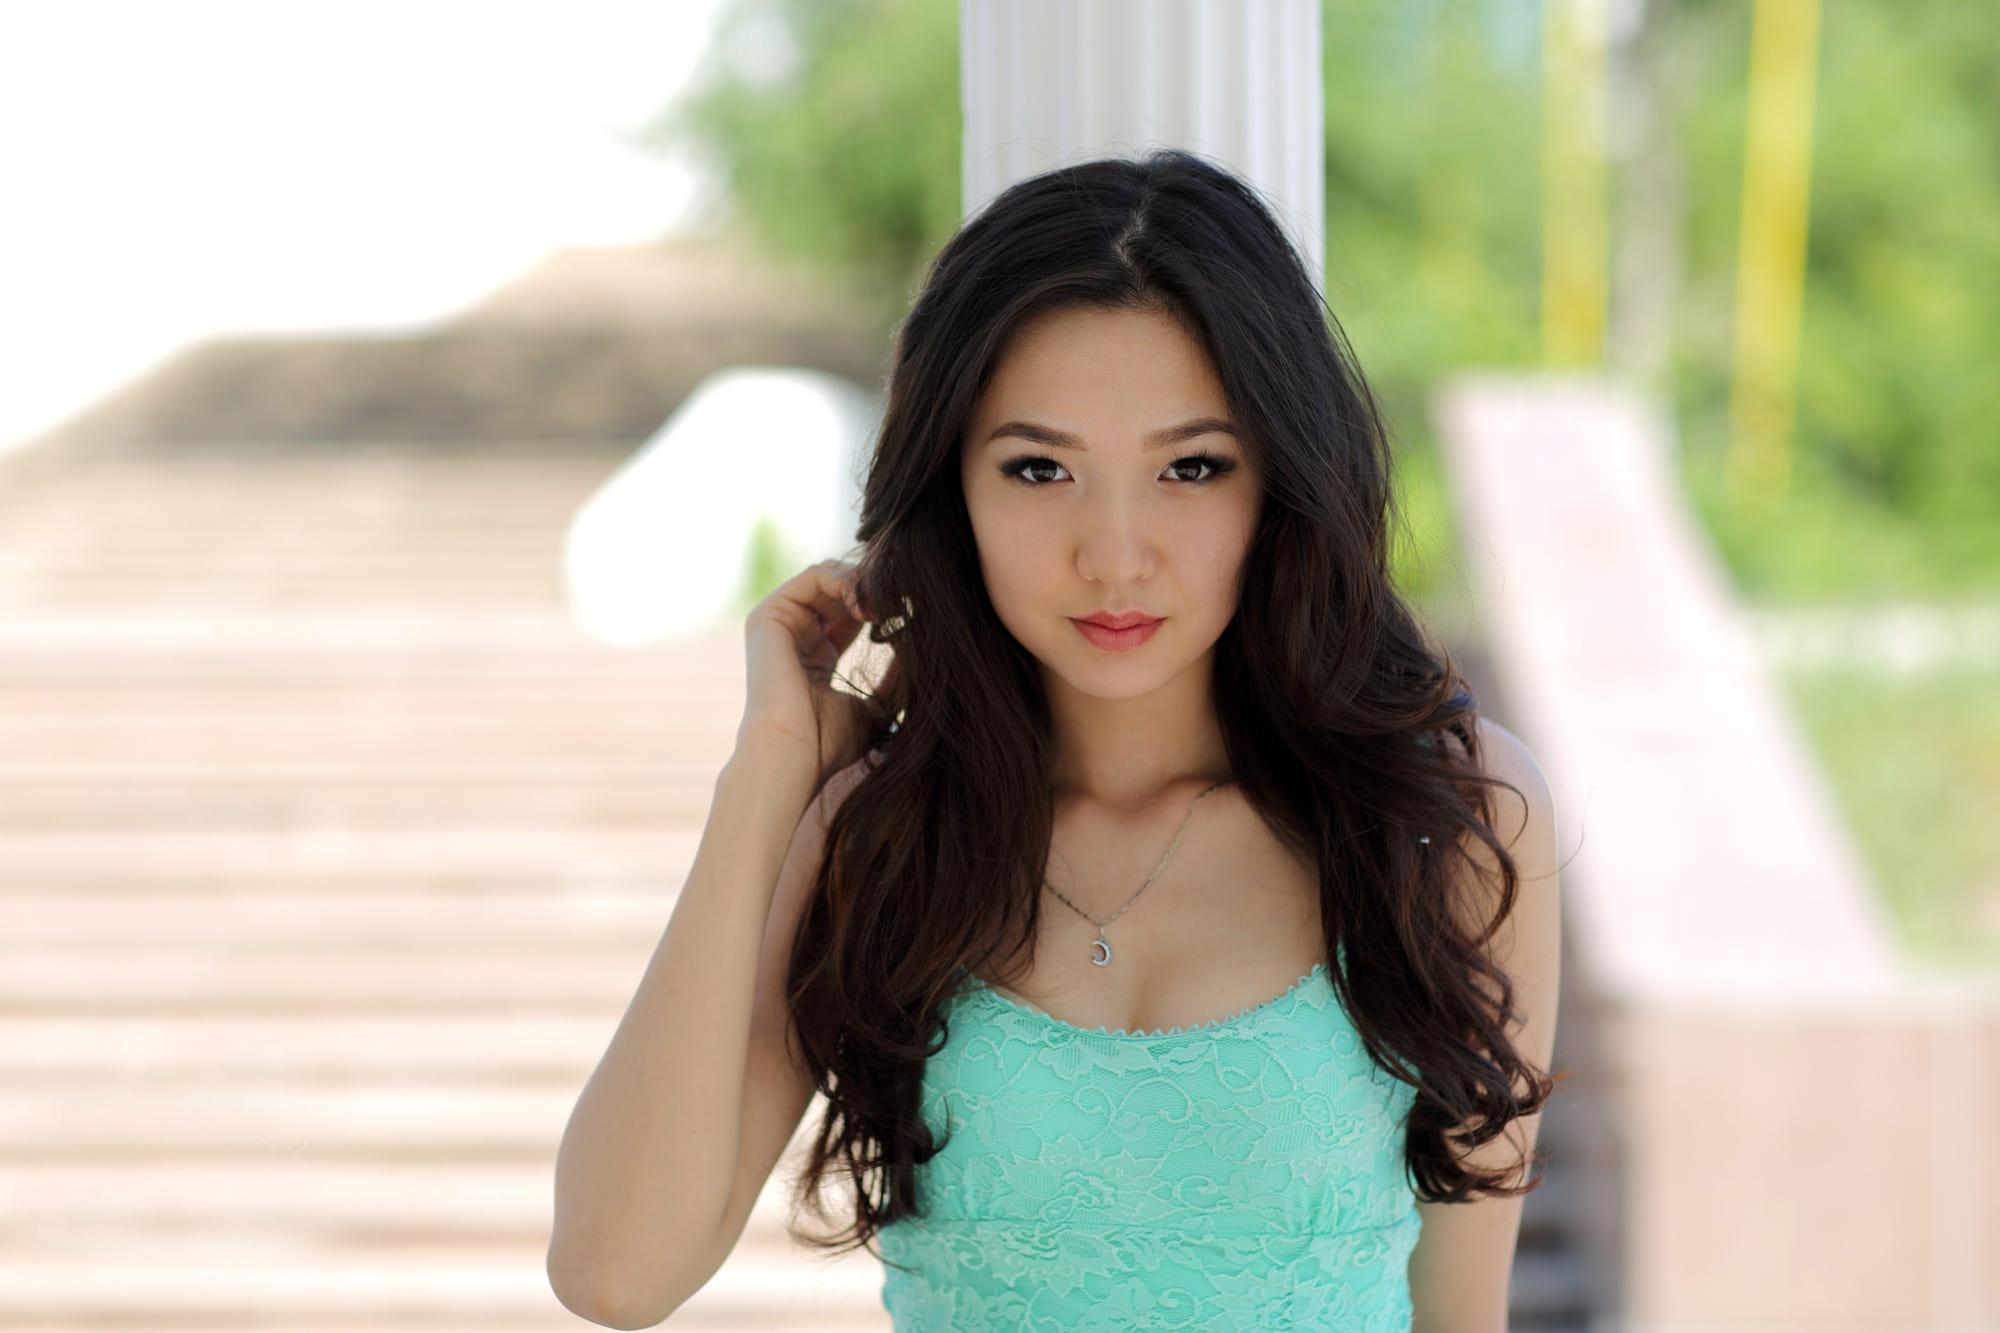 девушка восточной внешности киев - 8